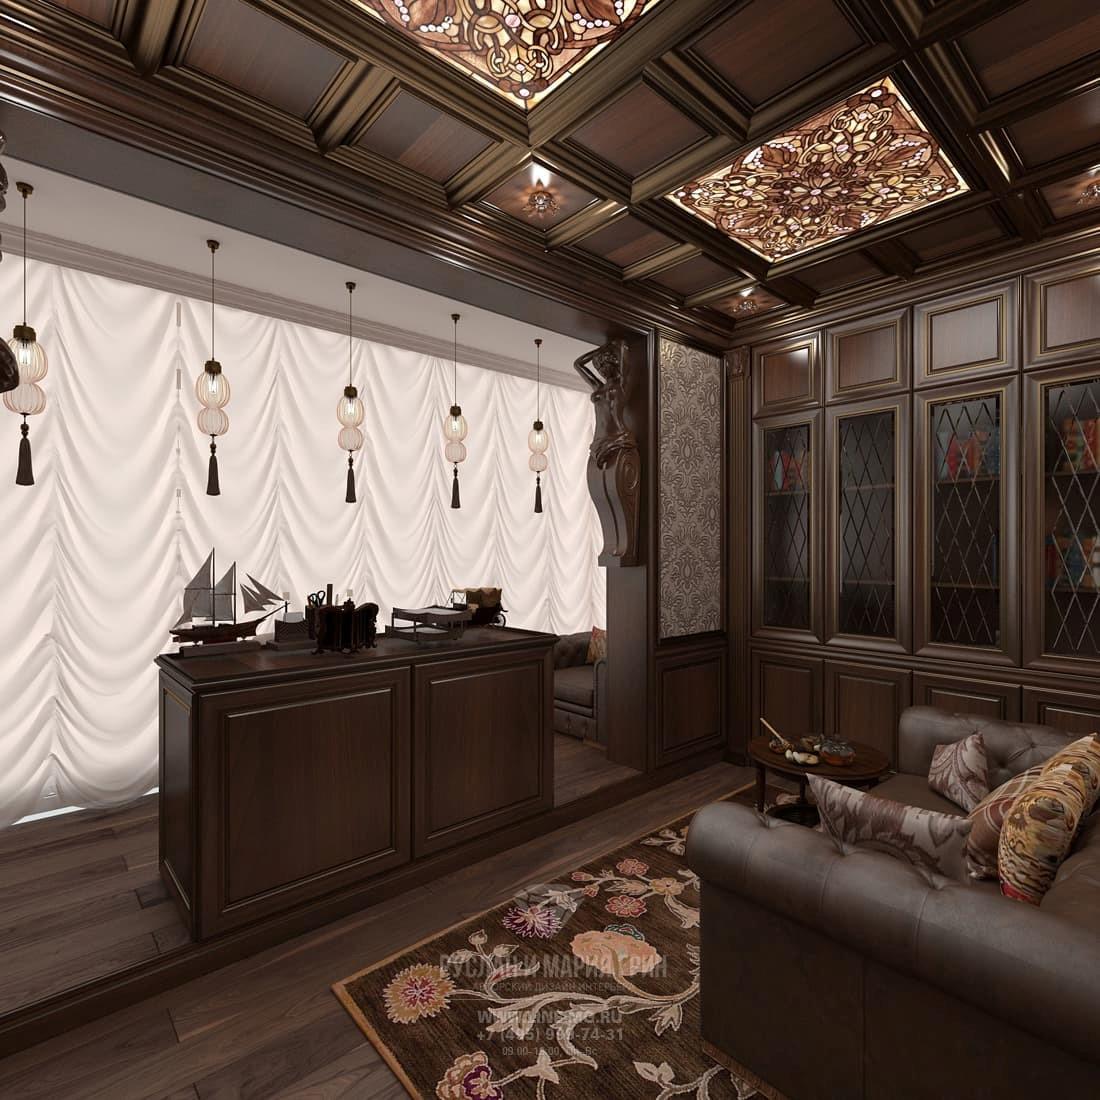 Интерьер кабинета в классическом стиле с отделкой из натурального дерева и кессонным потолком